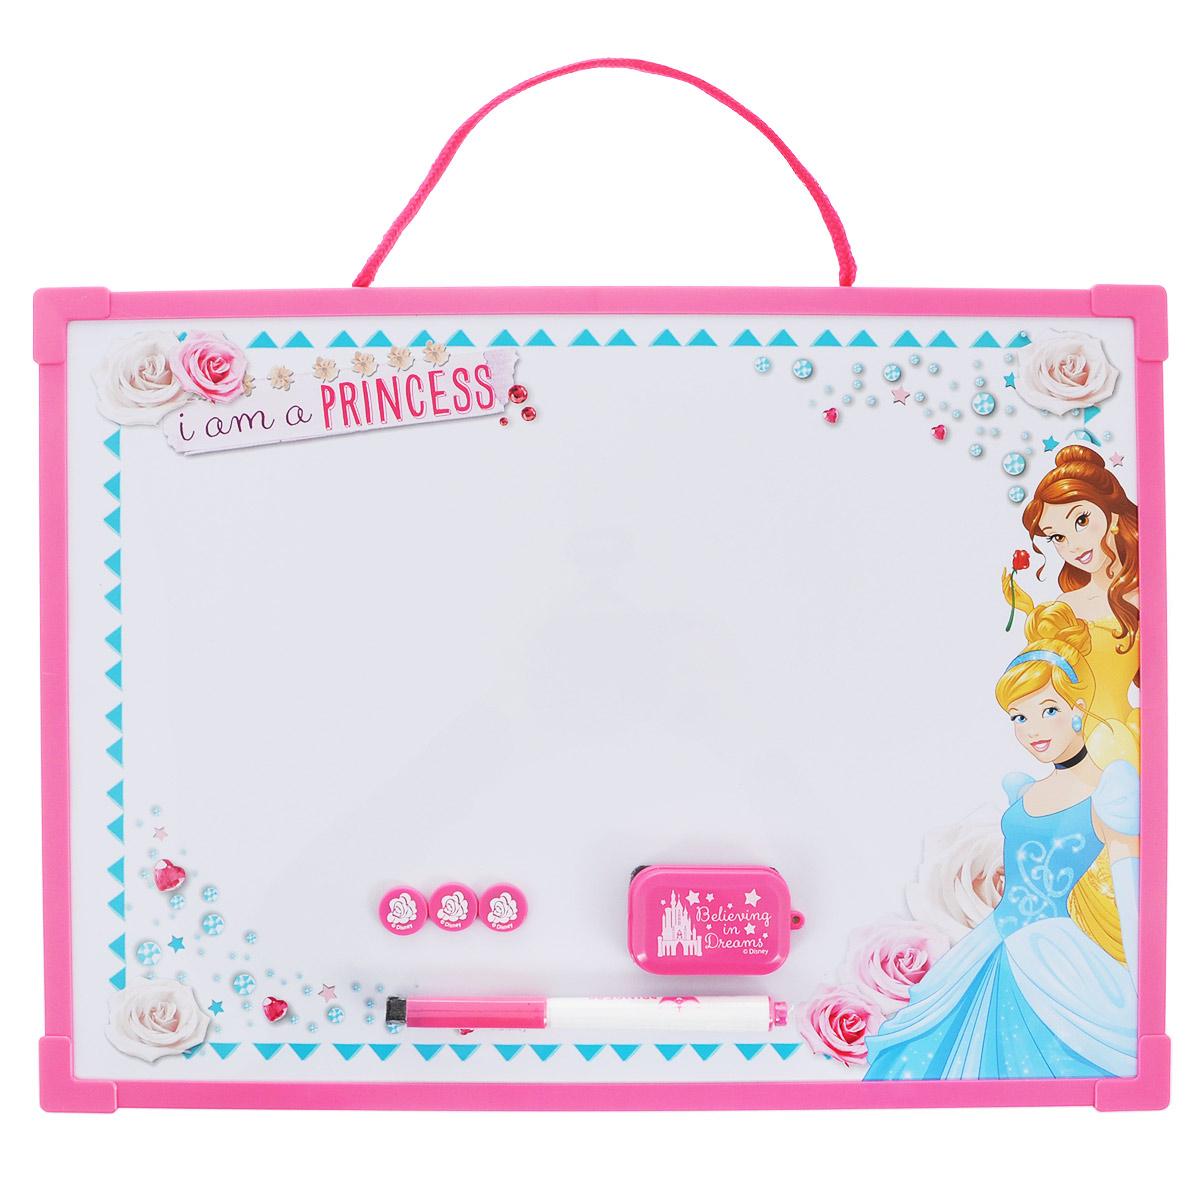 Доска для рисования Princess Пиши-стирай, цвет: розовый, белый. PRCB-US1-Z150098FS-00897Доска для рисования Princess Пиши-стирай на веревочке, на которой можно создавать различные картины бесконечно! Доска оборудована маркером с фетровым стирателем, губкой для стирания записей и тремя магнитами. Доска для рисования развивает моторику, воображение, концентрацию внимания, цветовое восприятие.